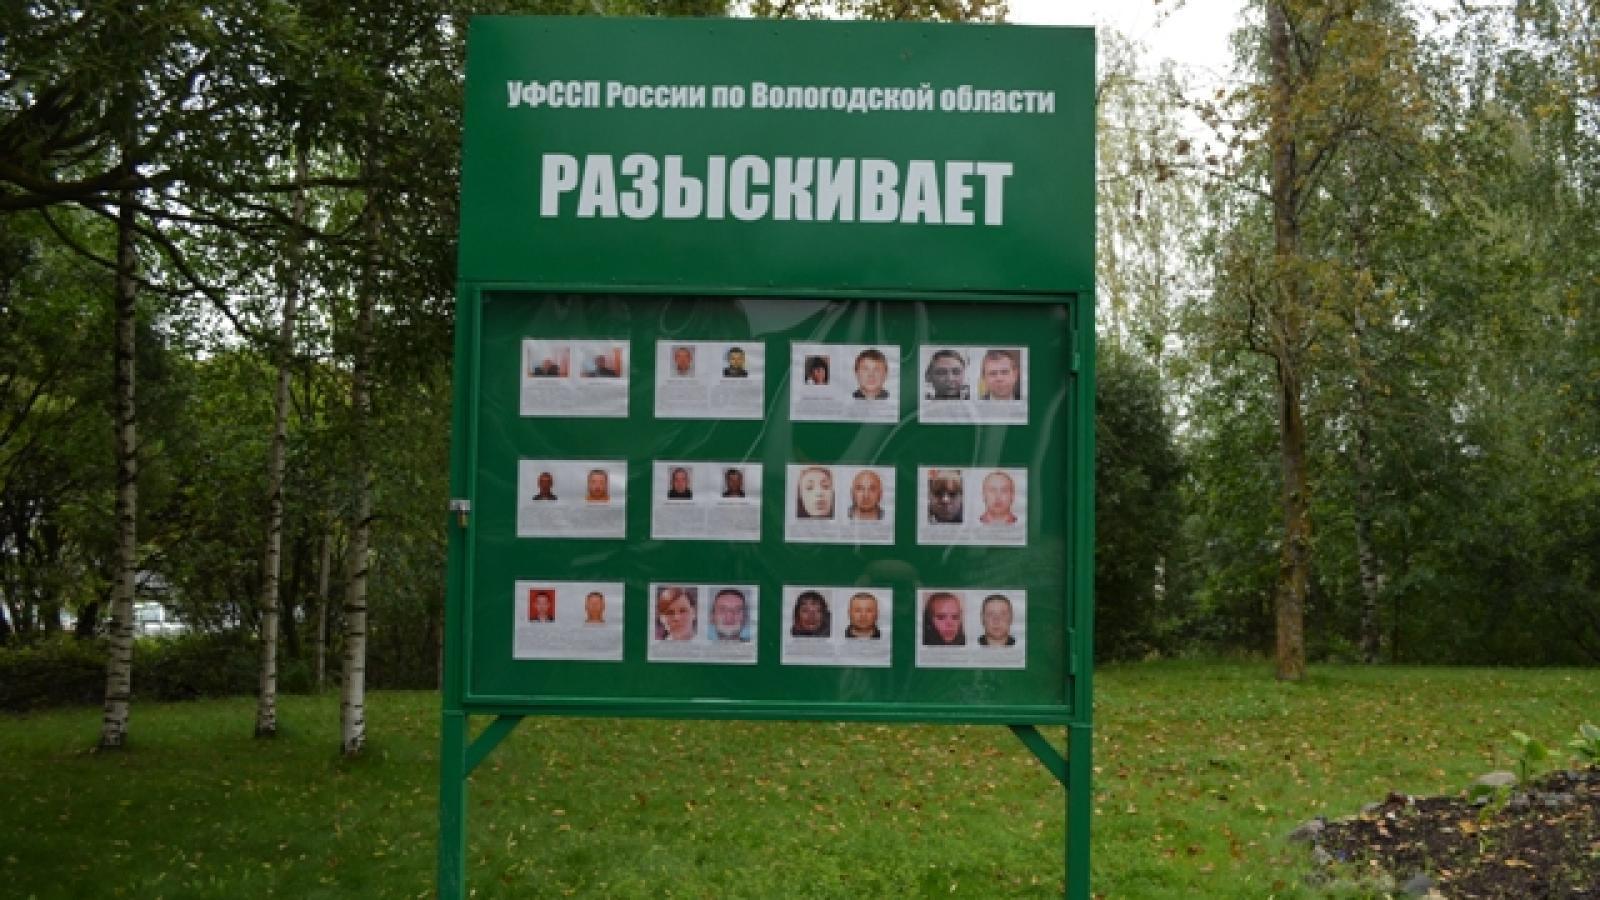 В Вологде установили стенд с фотографиями алиментщиков